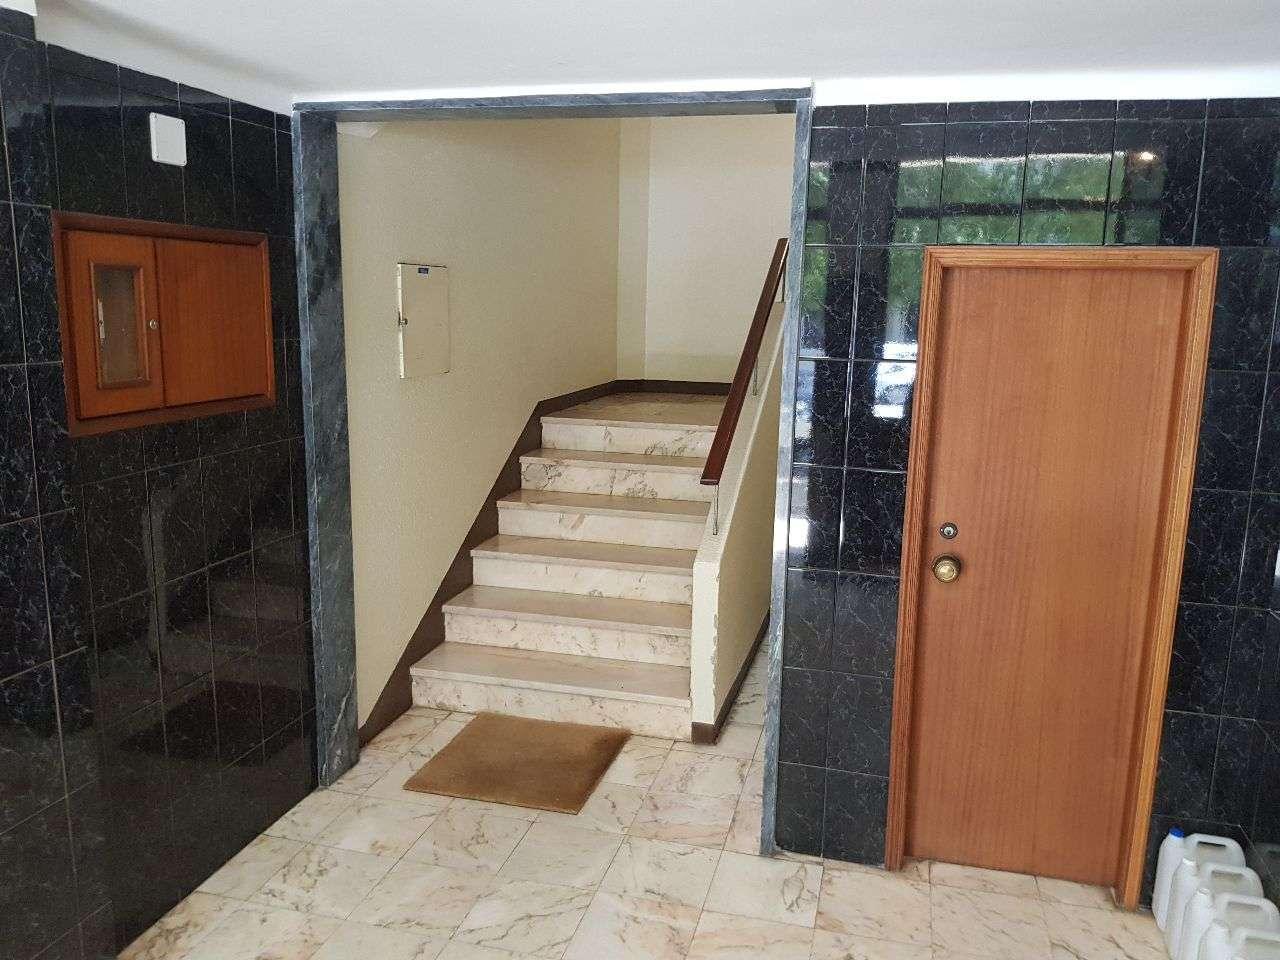 Apartamento para arrendar, Santarém (Marvila), Santa Iria da Ribeira de Santarém, Santarém (São Salvador) e Santarém (São Nicolau), Santarém - Foto 11